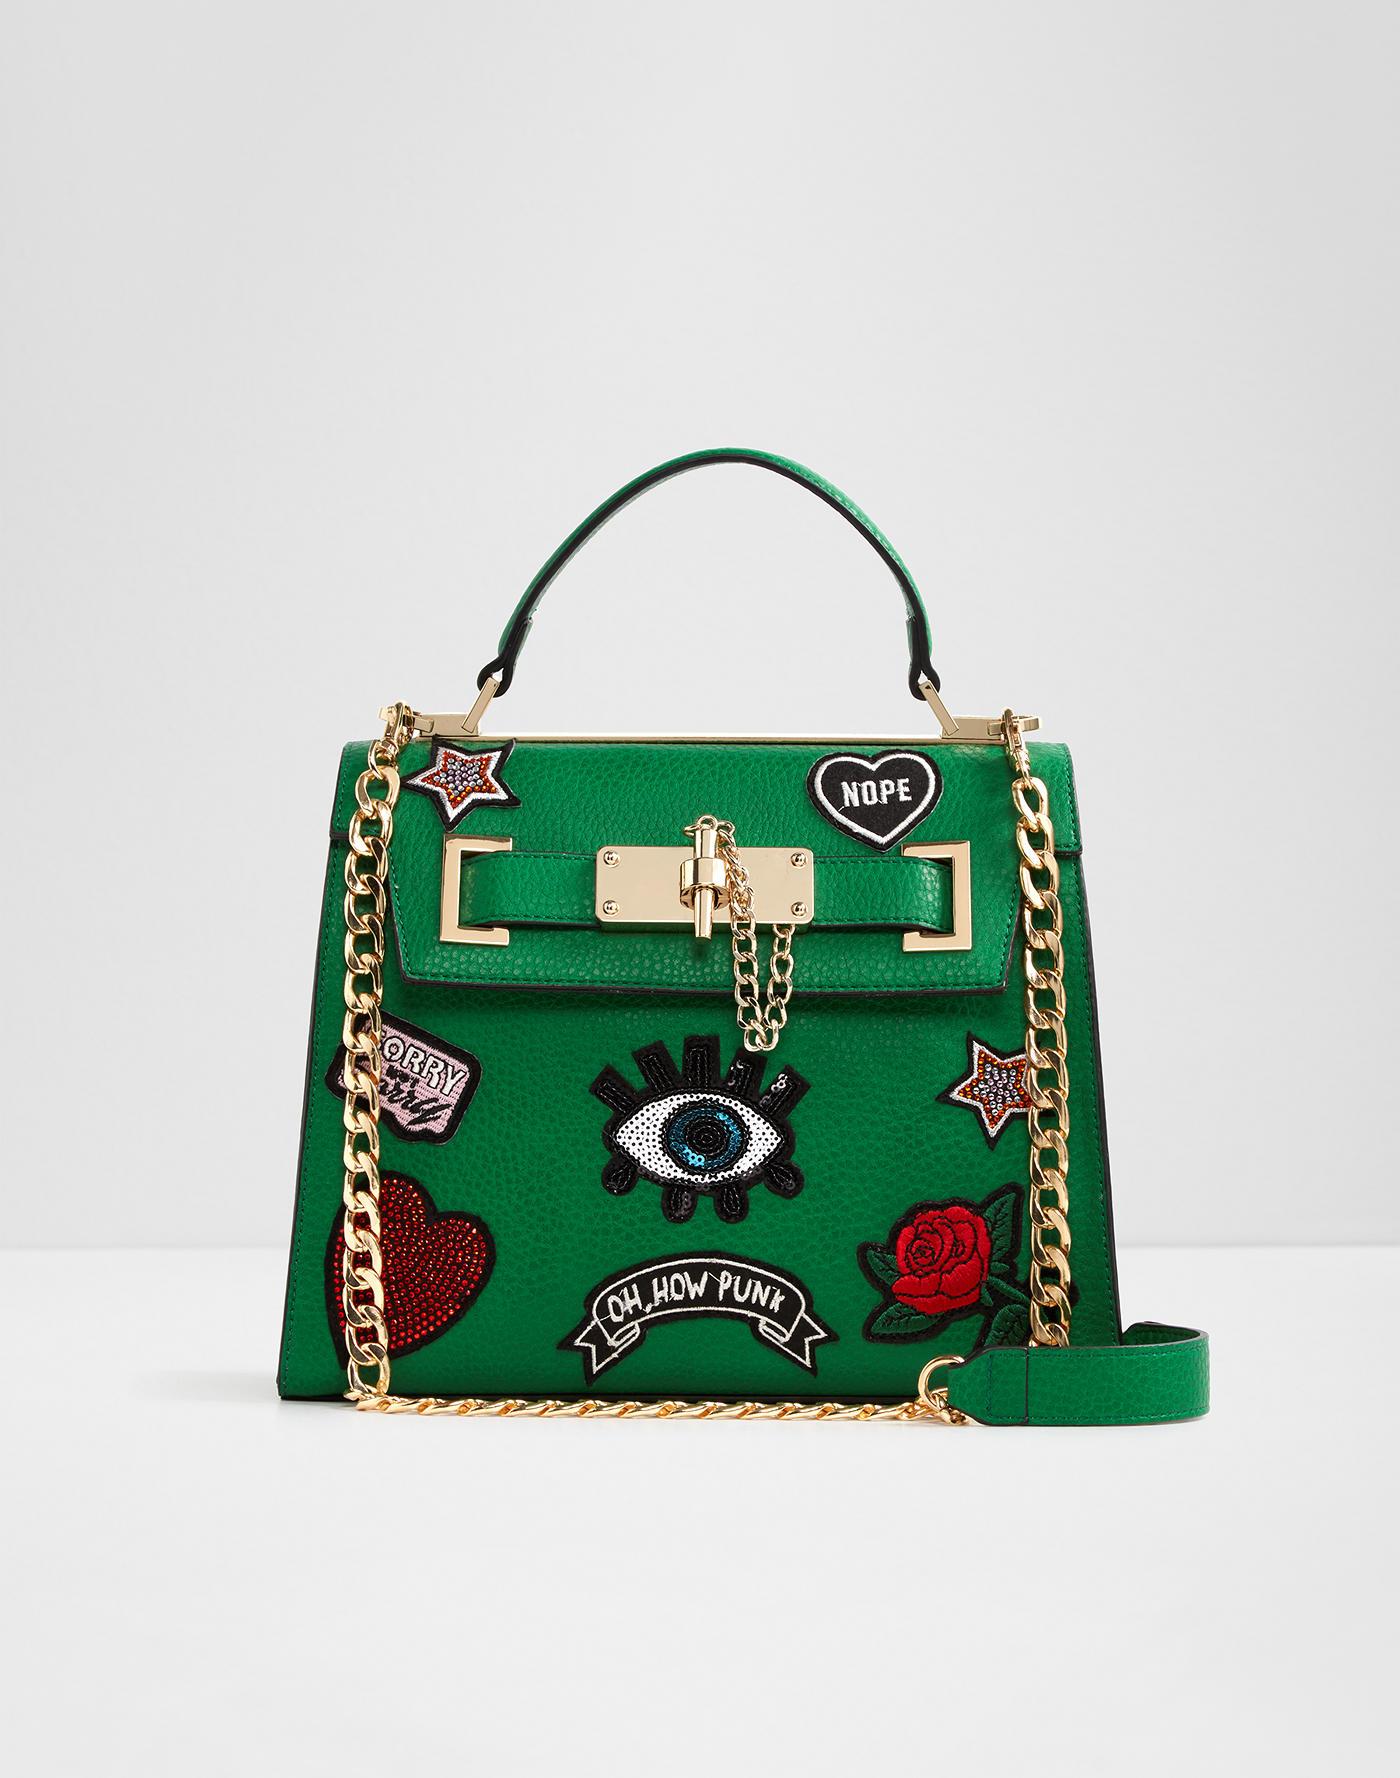 Aldo Handbags Canada Online